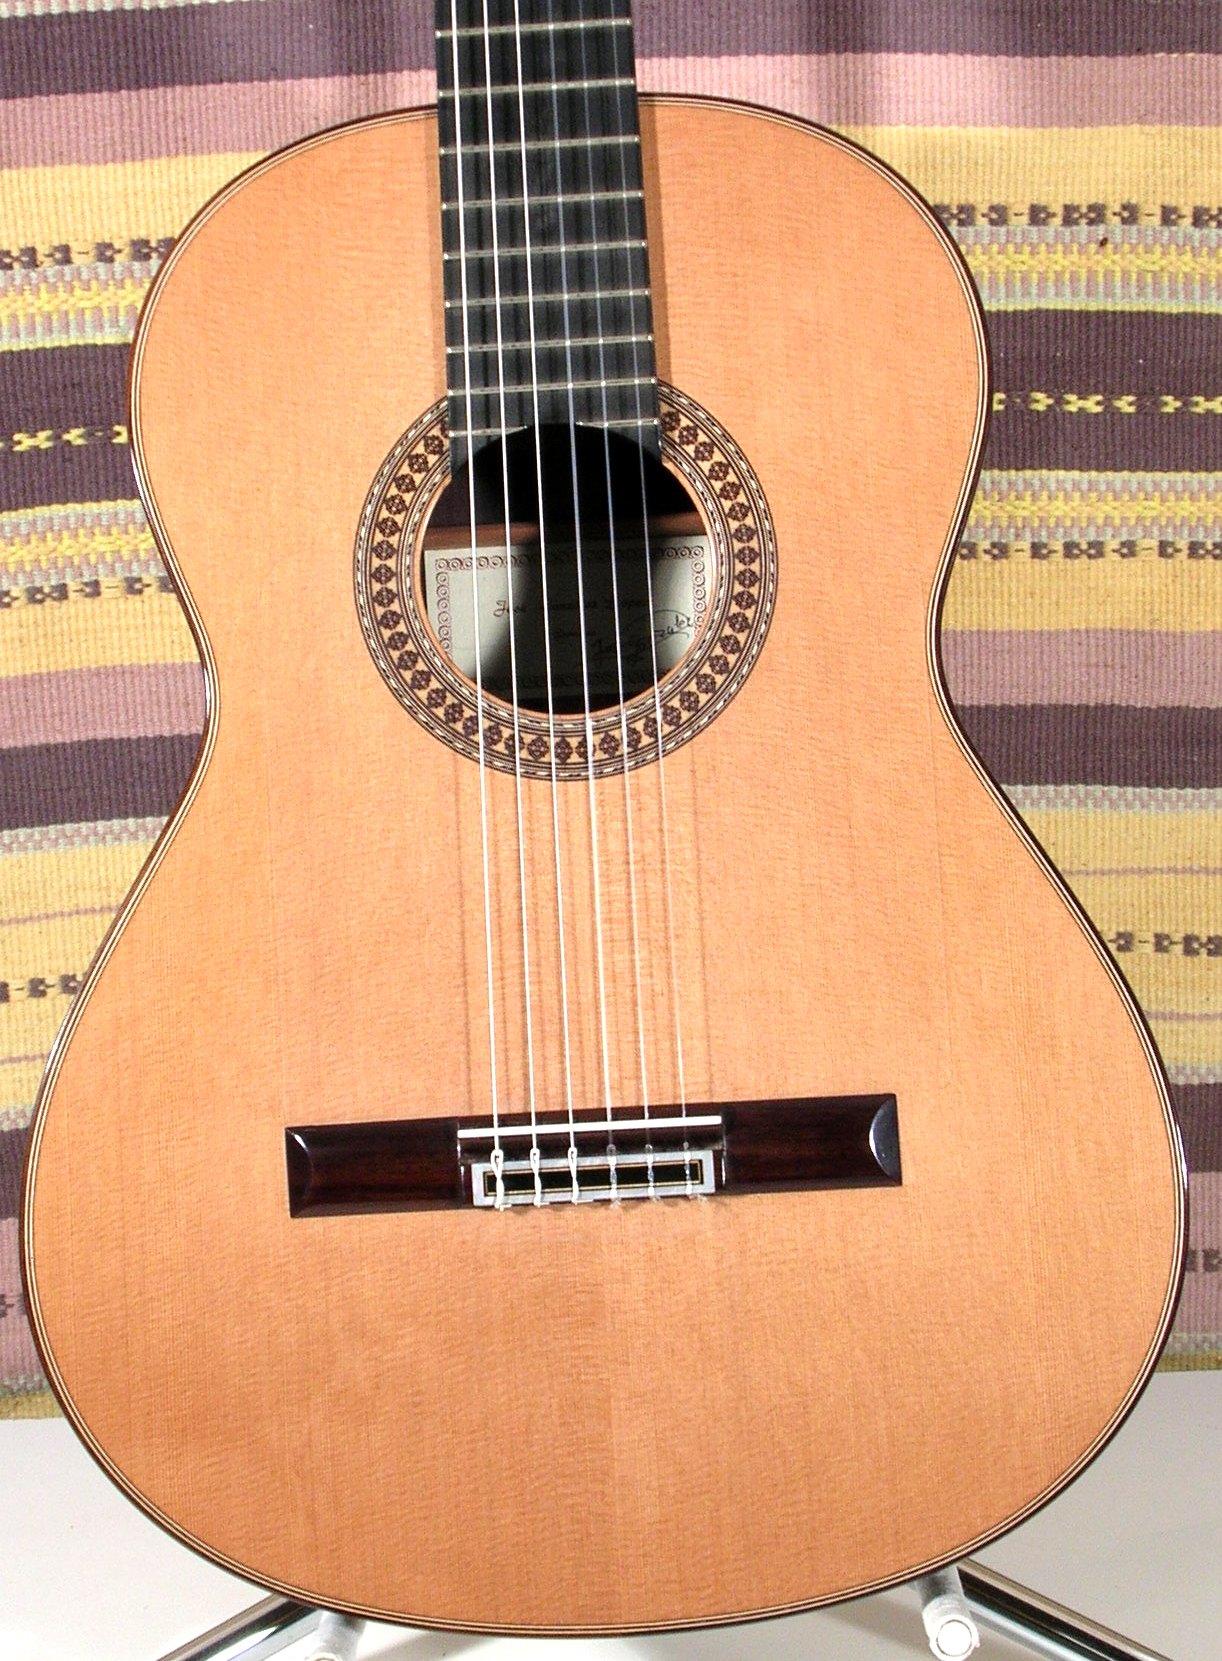 guitare acoustique xp